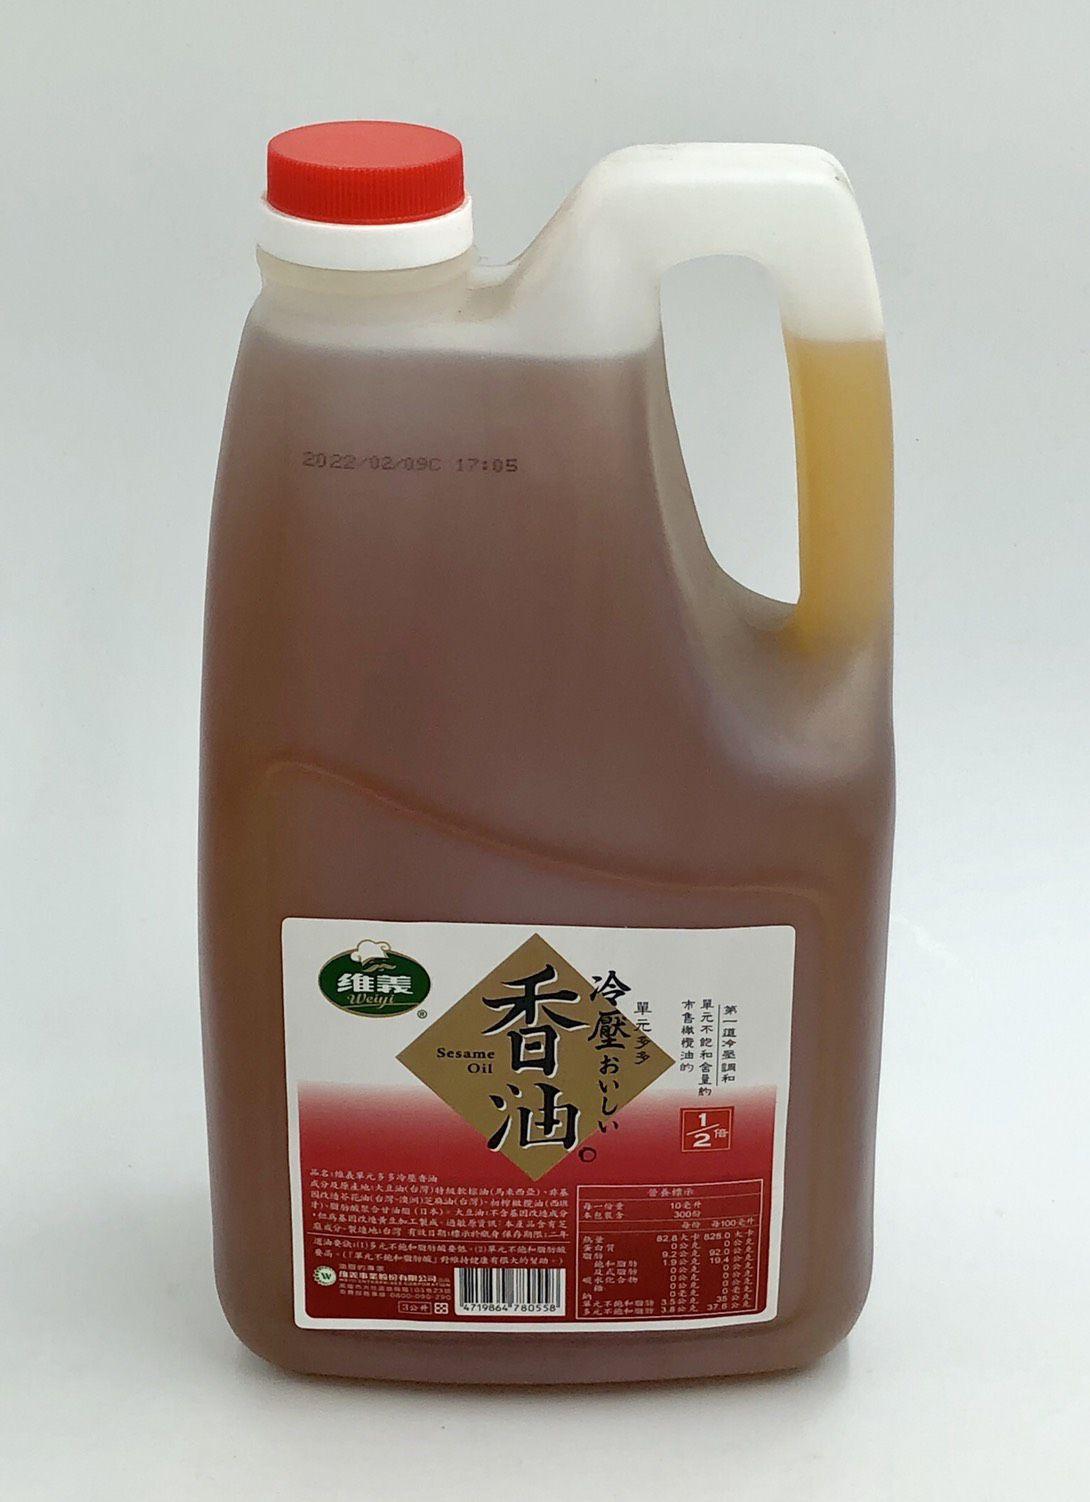 (維義)單元多多冷壓香油3L(全素)